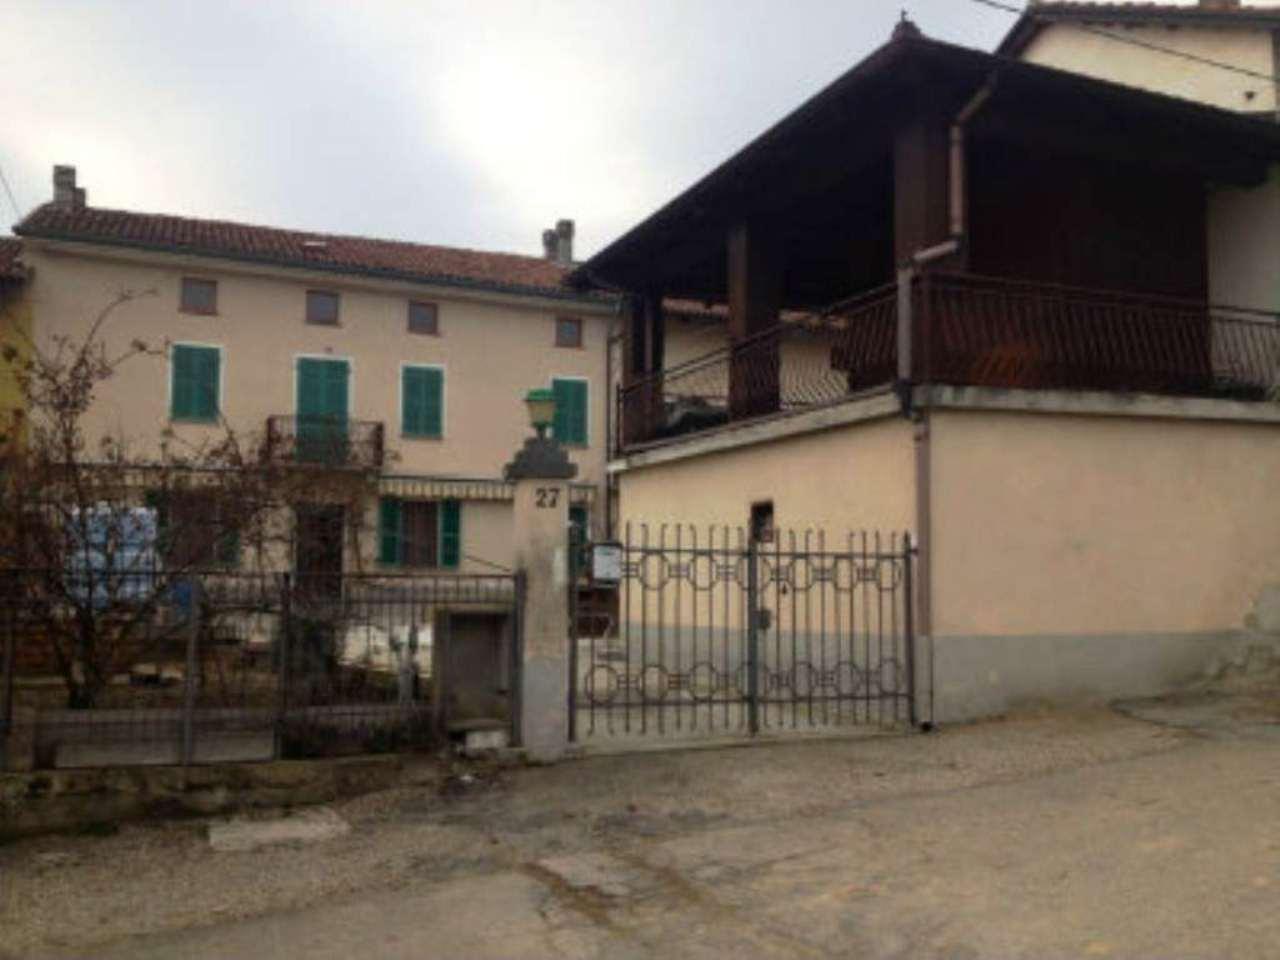 Soluzione Semindipendente in vendita a Asti, 6 locali, prezzo € 128.000 | Cambio Casa.it